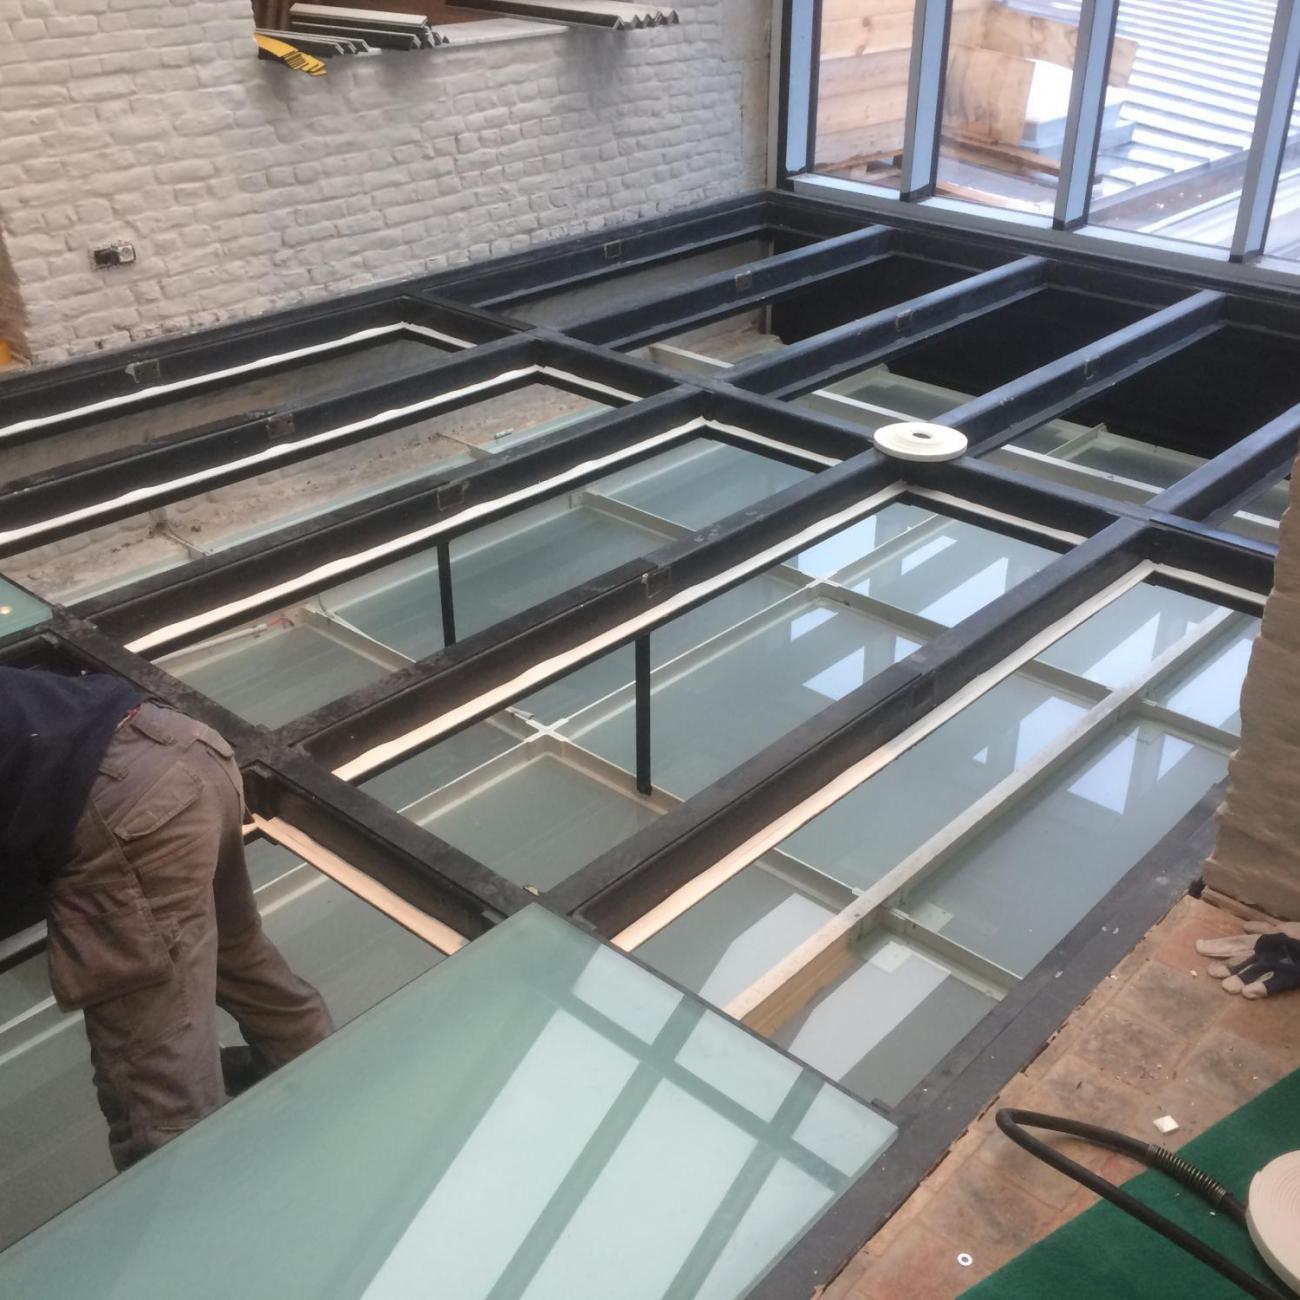 montage glazen vloer